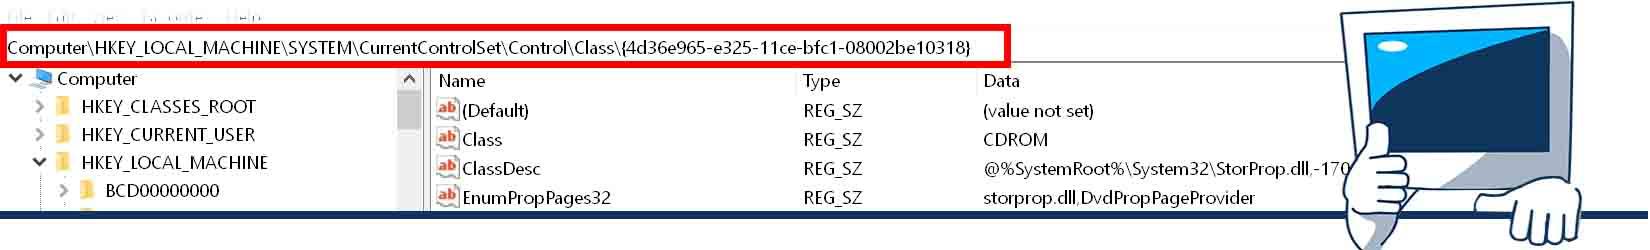 """Cómo solucionar el error de """"el servidor DNS no responde"""" de forma fácil y rápida 4"""